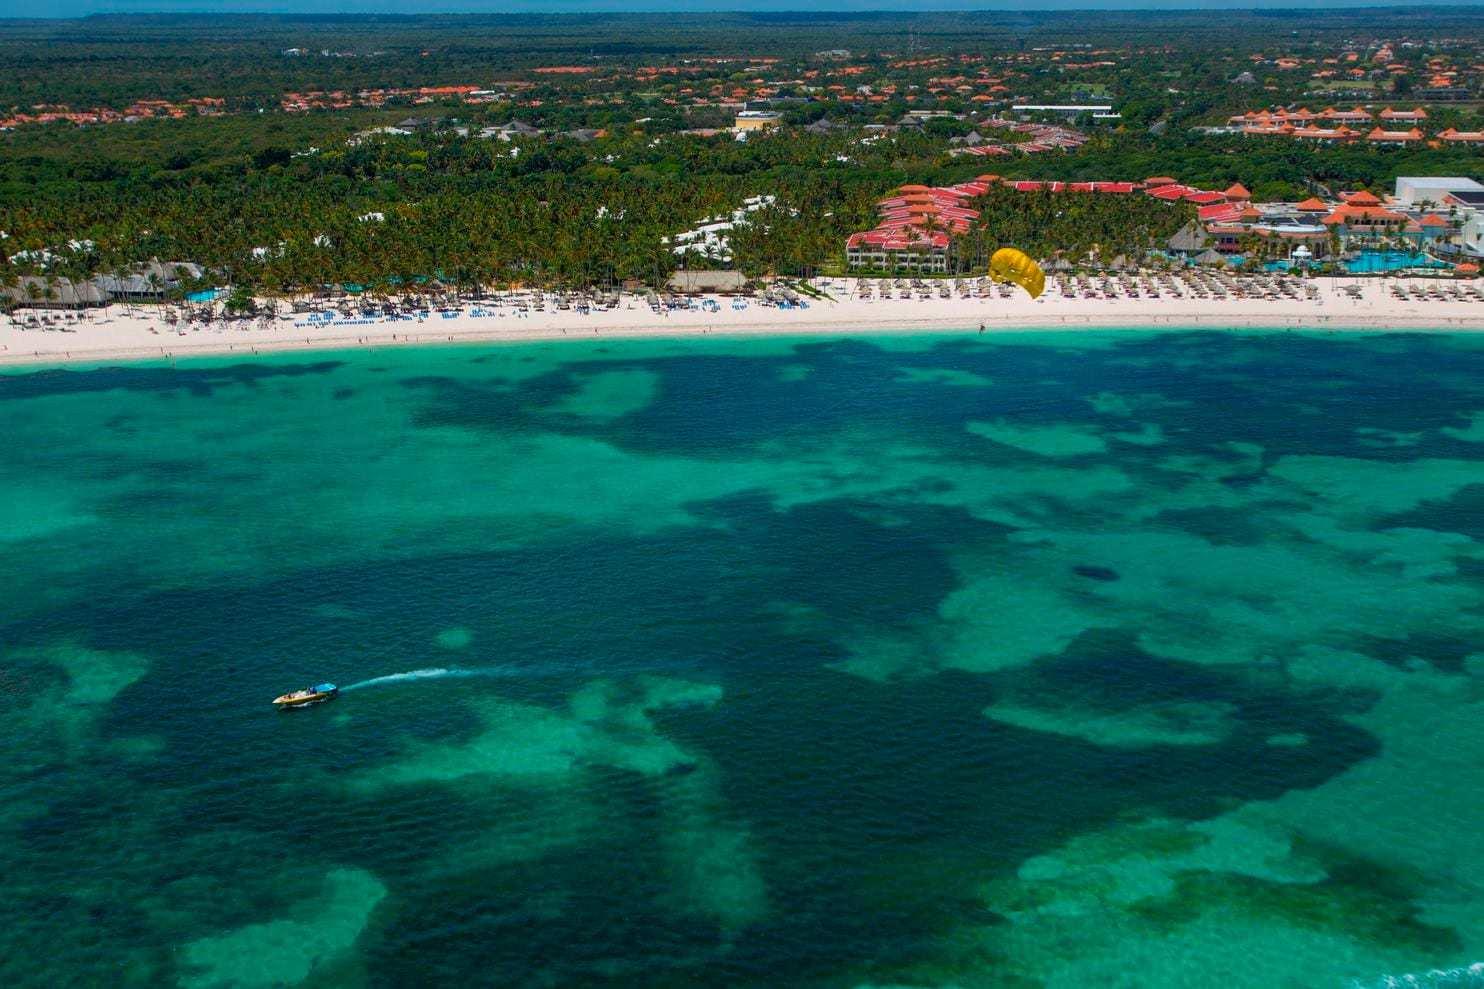 investir immobilier republique dominicaine